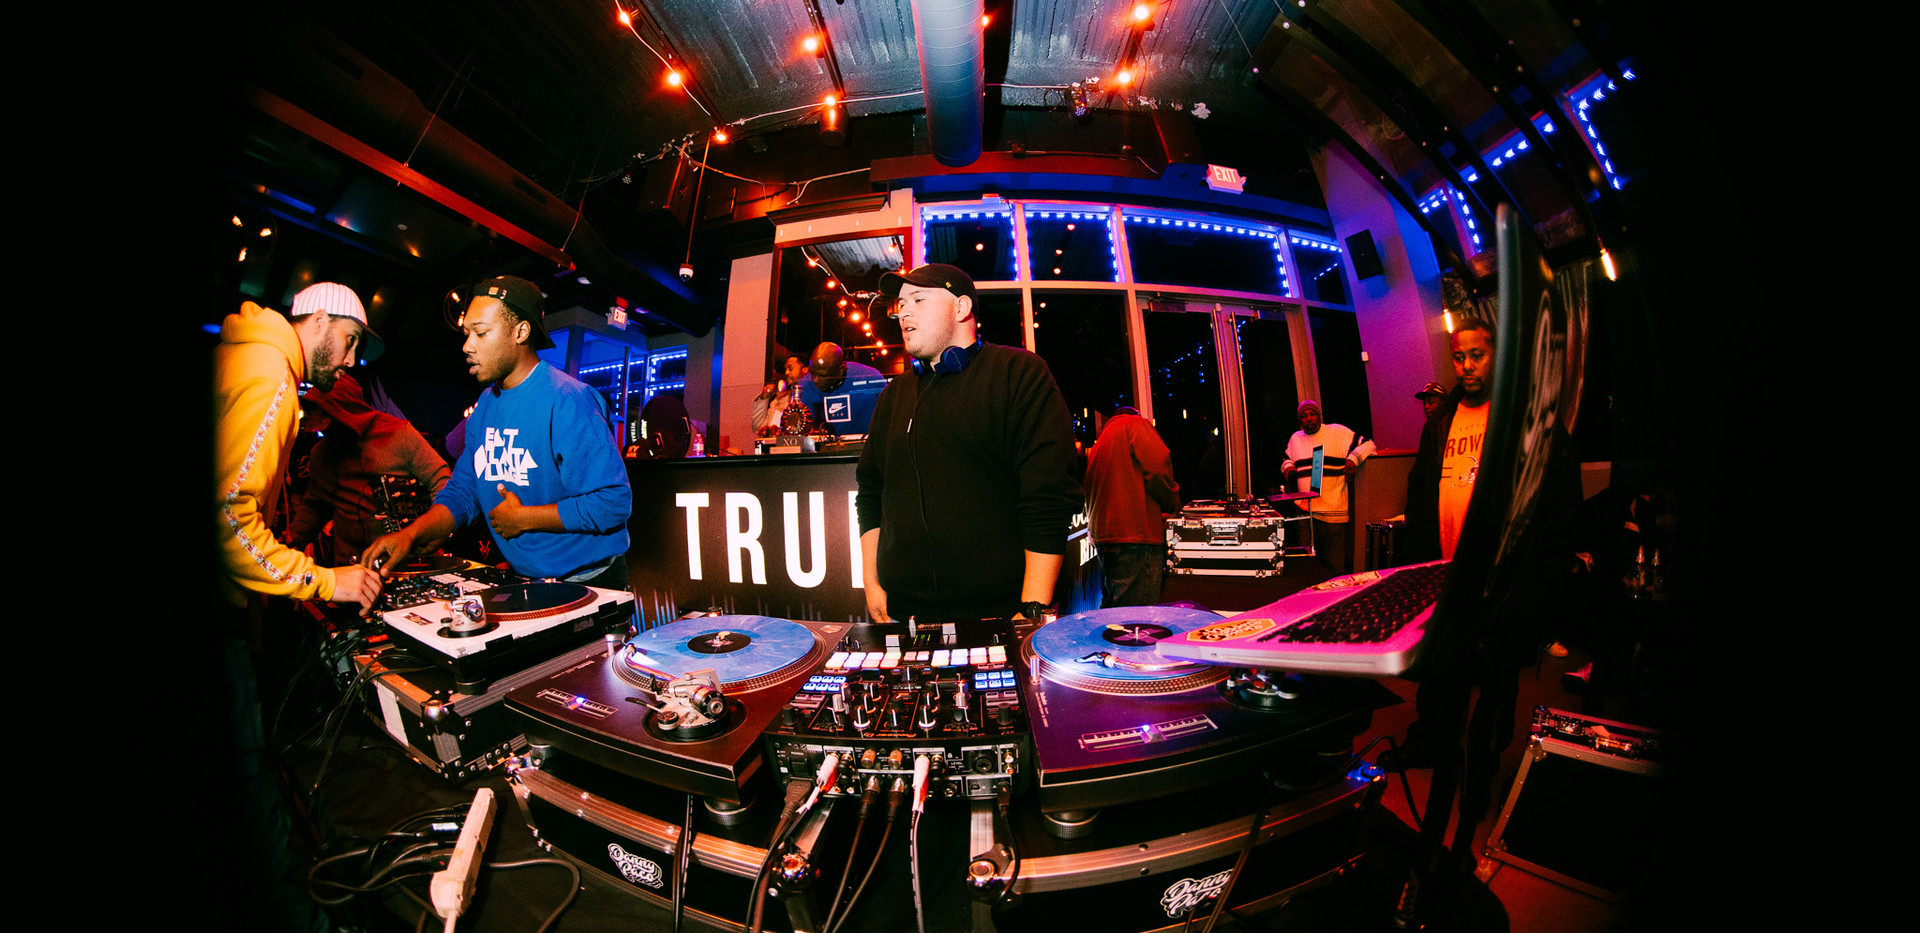 DJ+Blend+Battle+%40++True+%2873+of+248%2